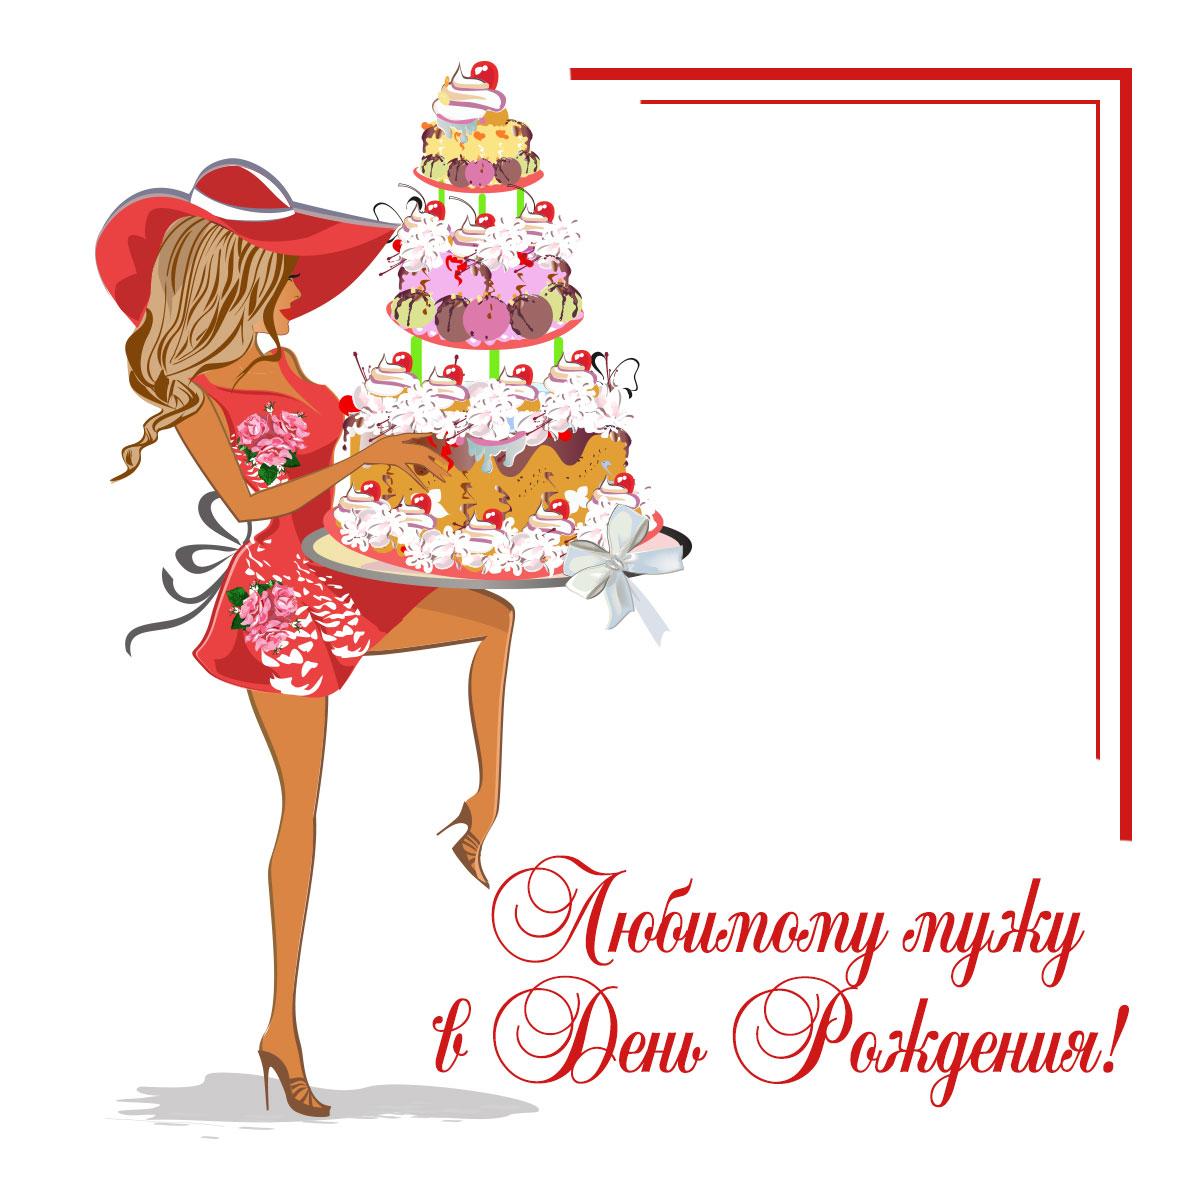 Картинка с днем рождения любимому мужу с рисунком девушки в красном платье и шляпе с коническим тортом в руках.